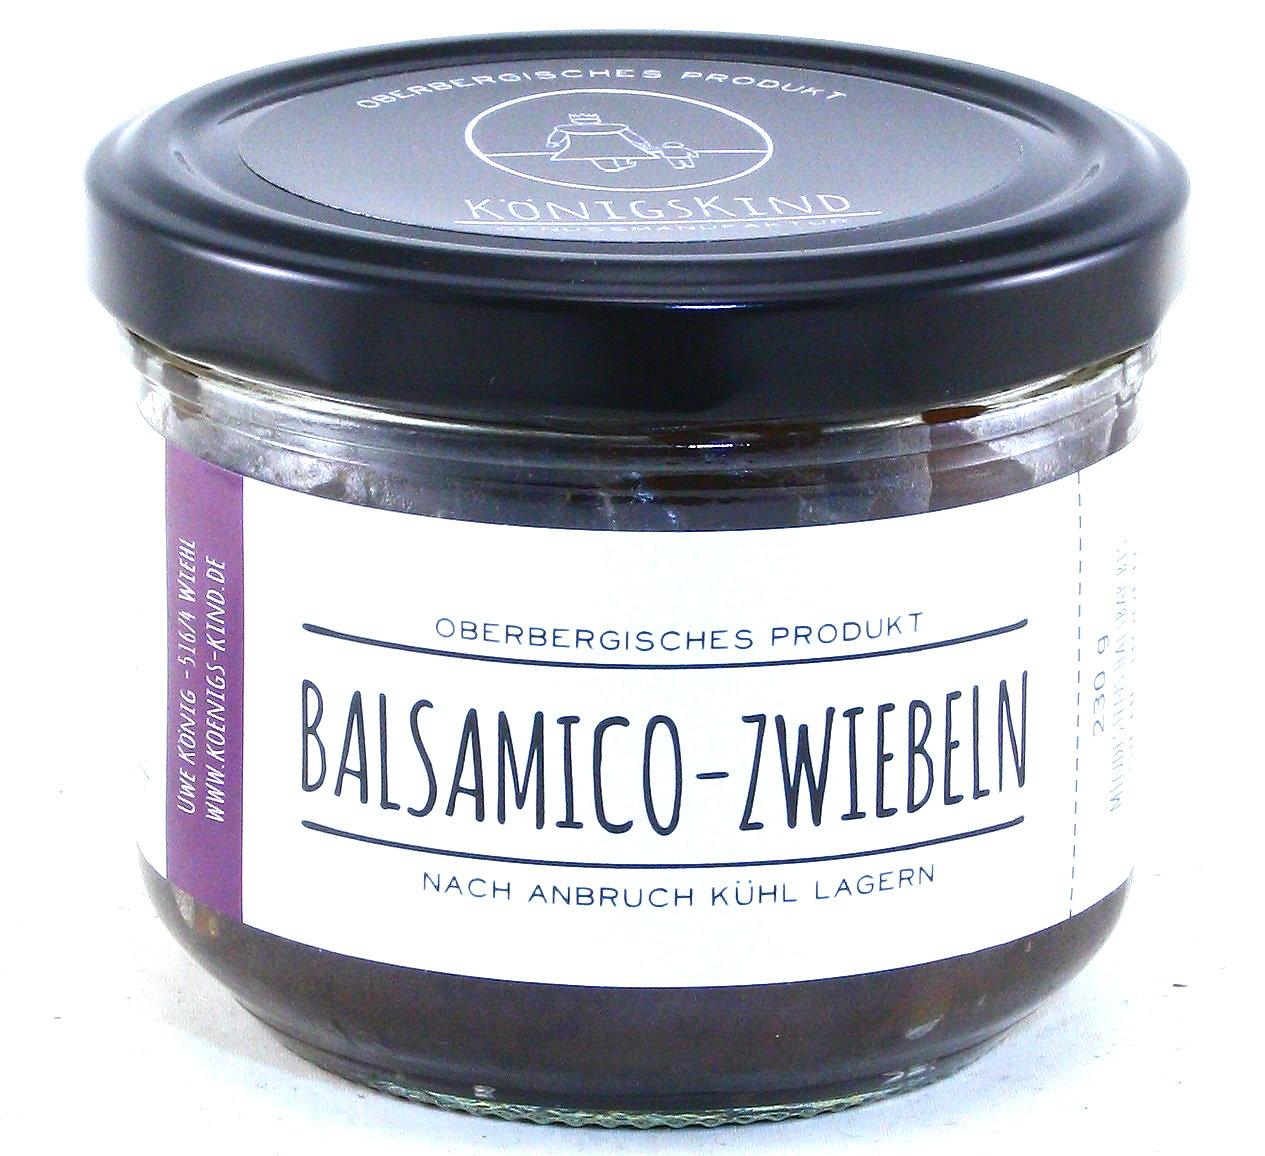 Balsamico Zwiebeln, Oberbergisches Produkt, Genussmanufaktur Königskind